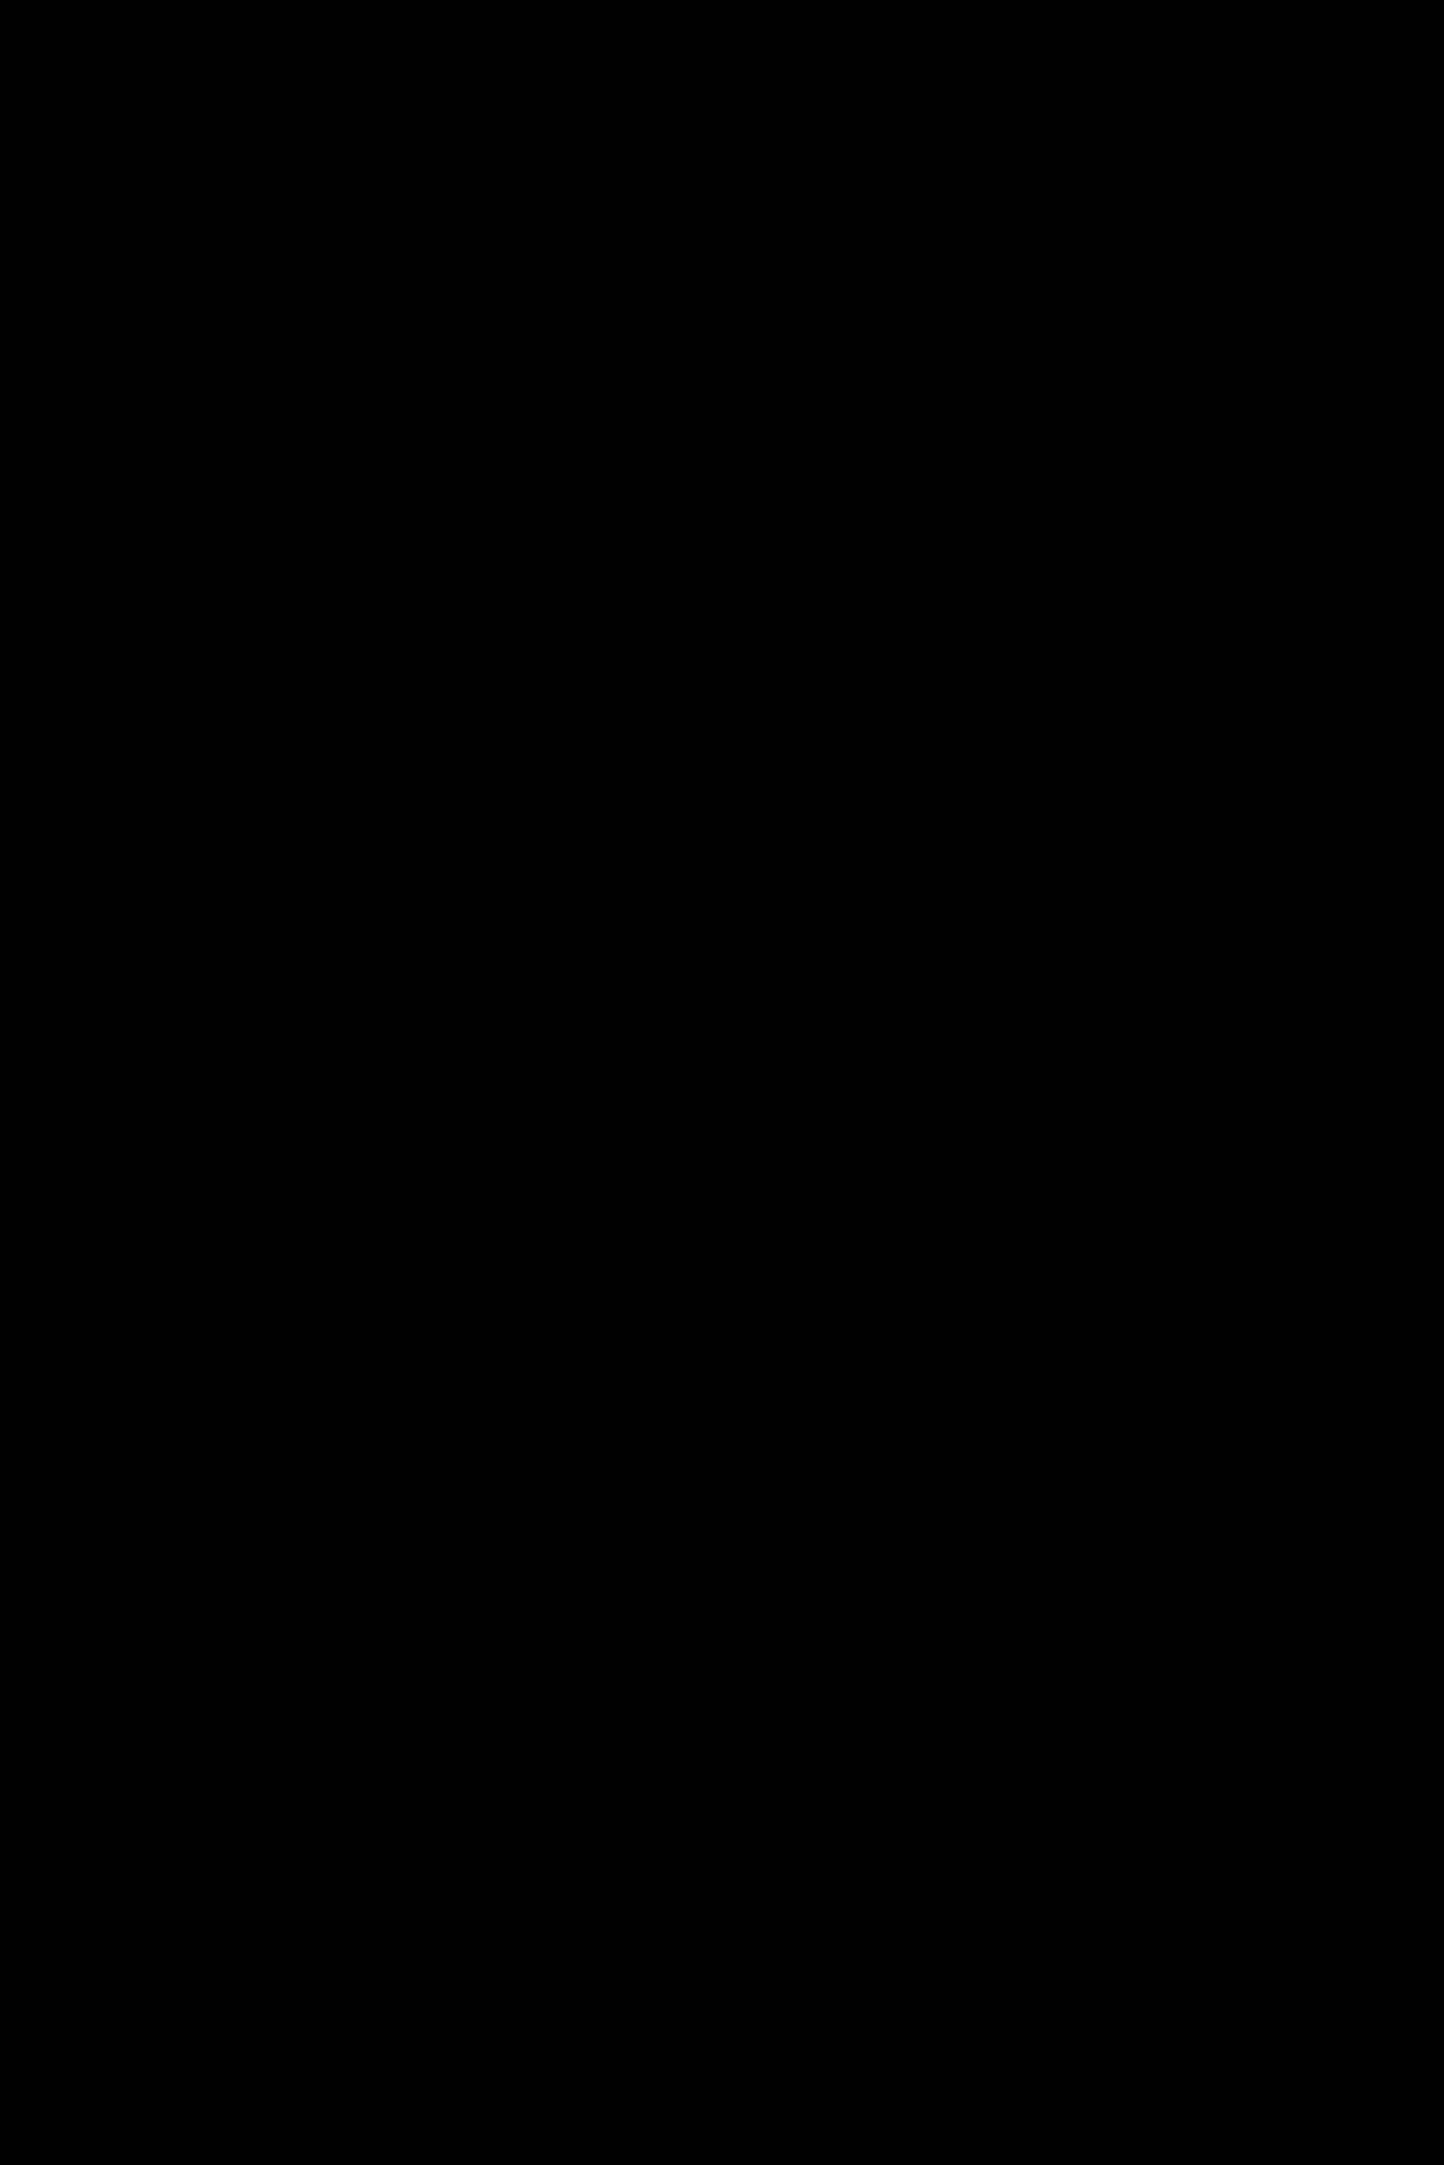 Clipart Eye Test Chart